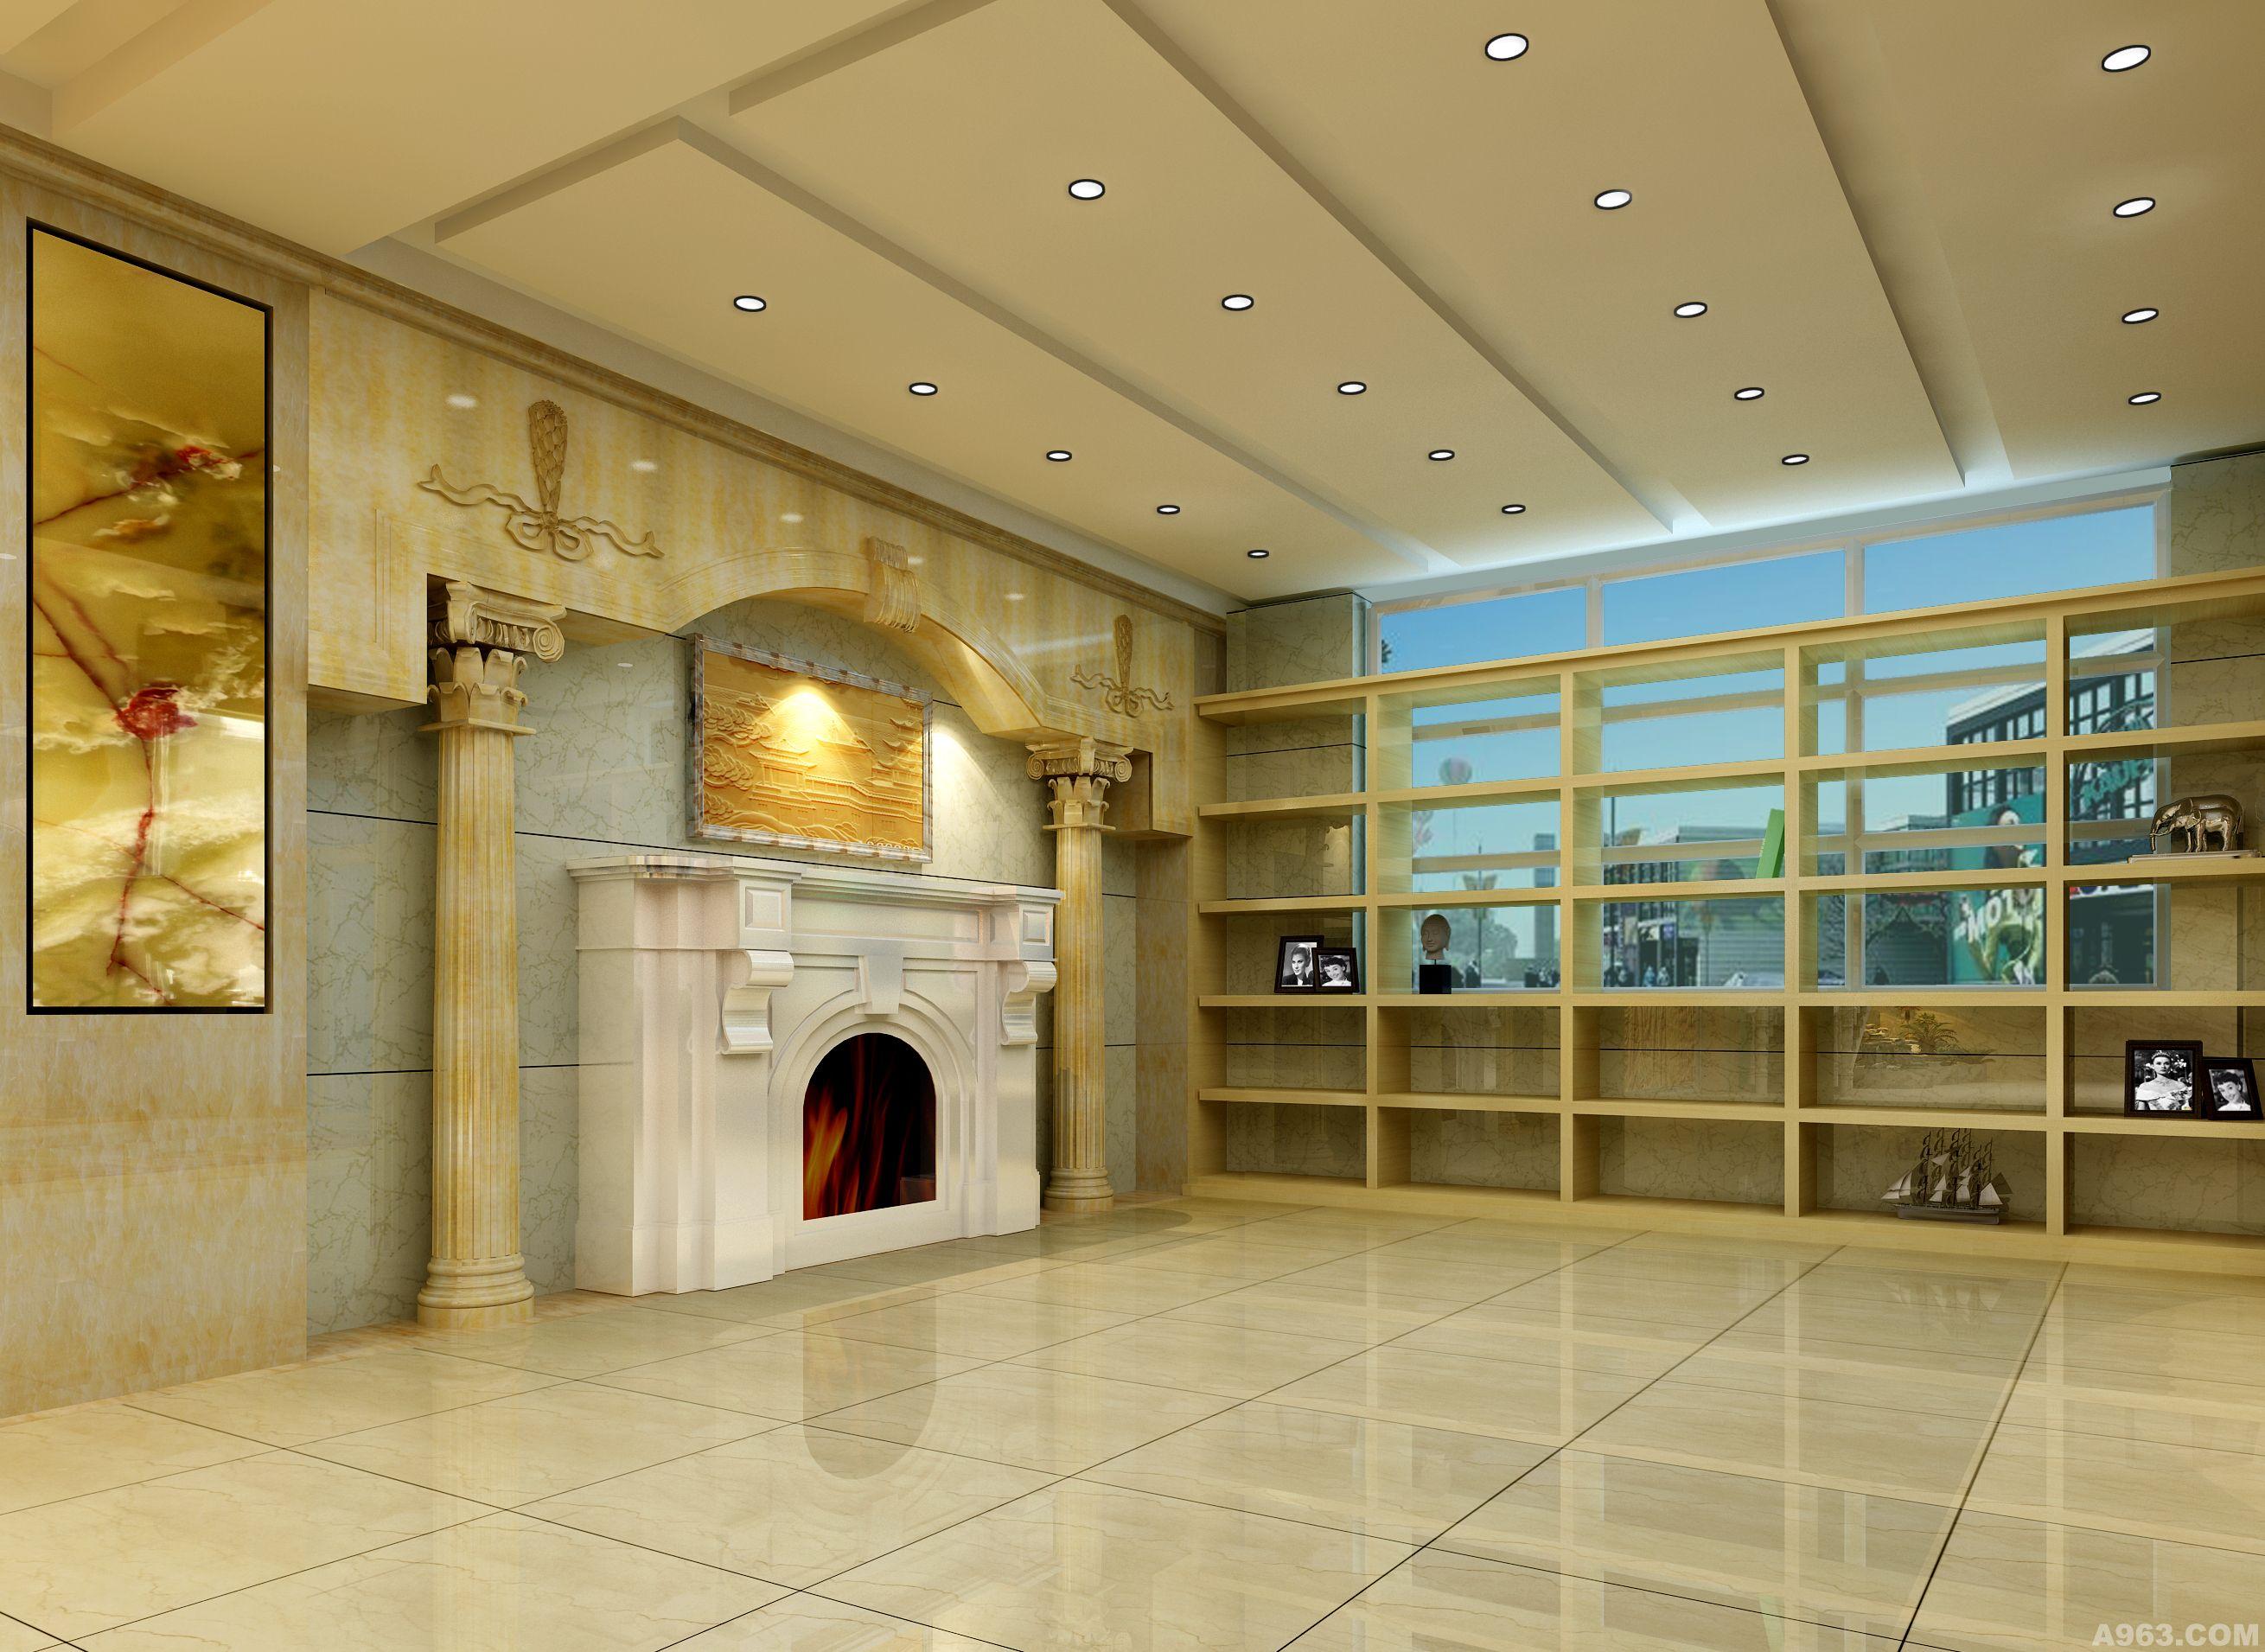 石材展示厅 - 陈设艺术 - 设计作品案例